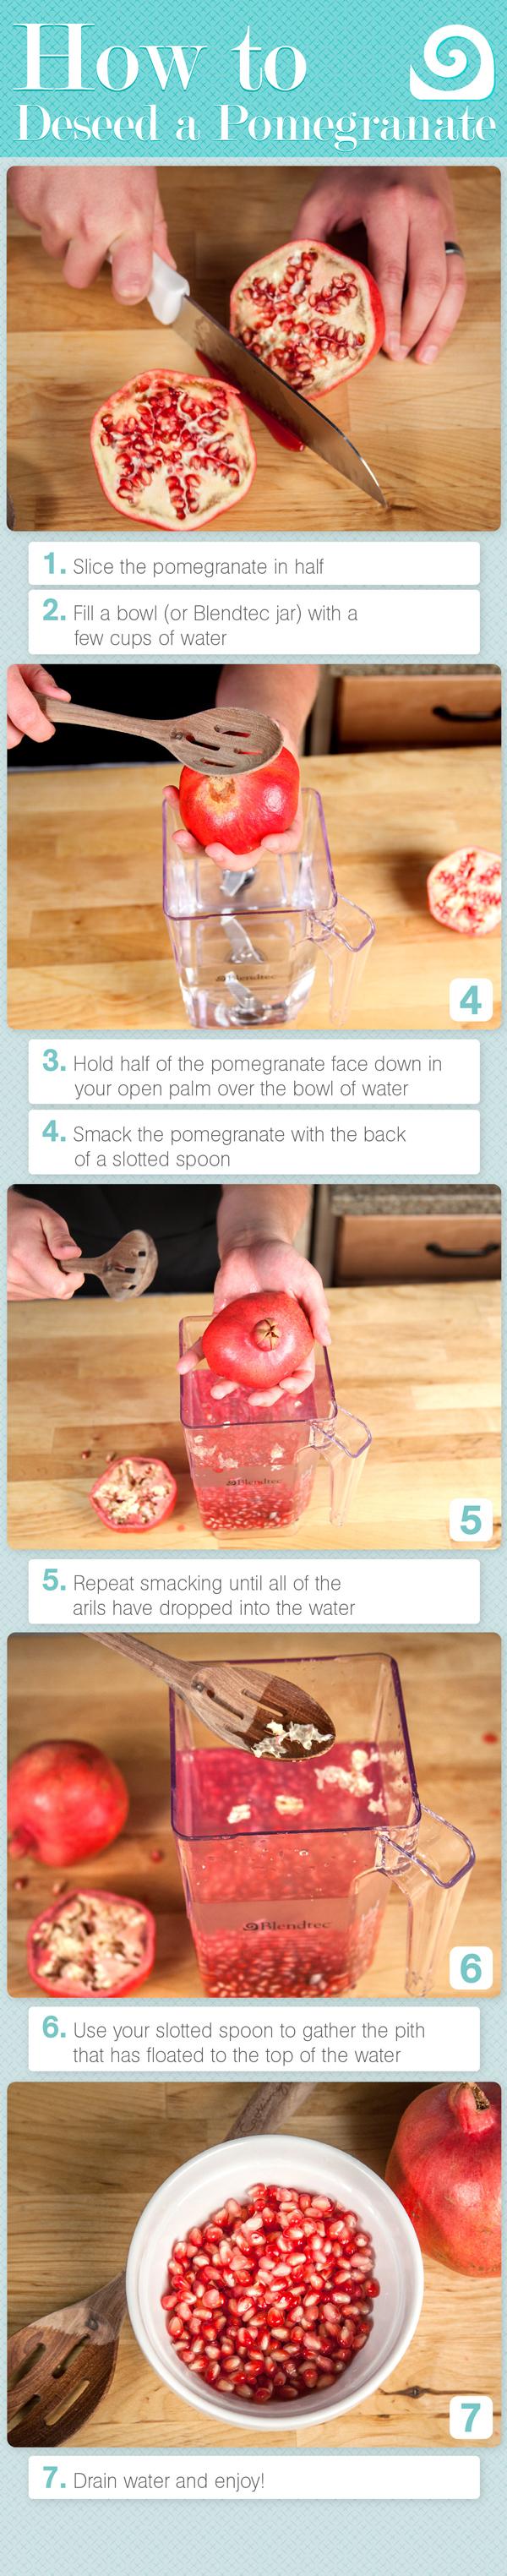 how to deseed a pomegranate diy diy ideas easy diy diy food diy fruit food desserts. Black Bedroom Furniture Sets. Home Design Ideas